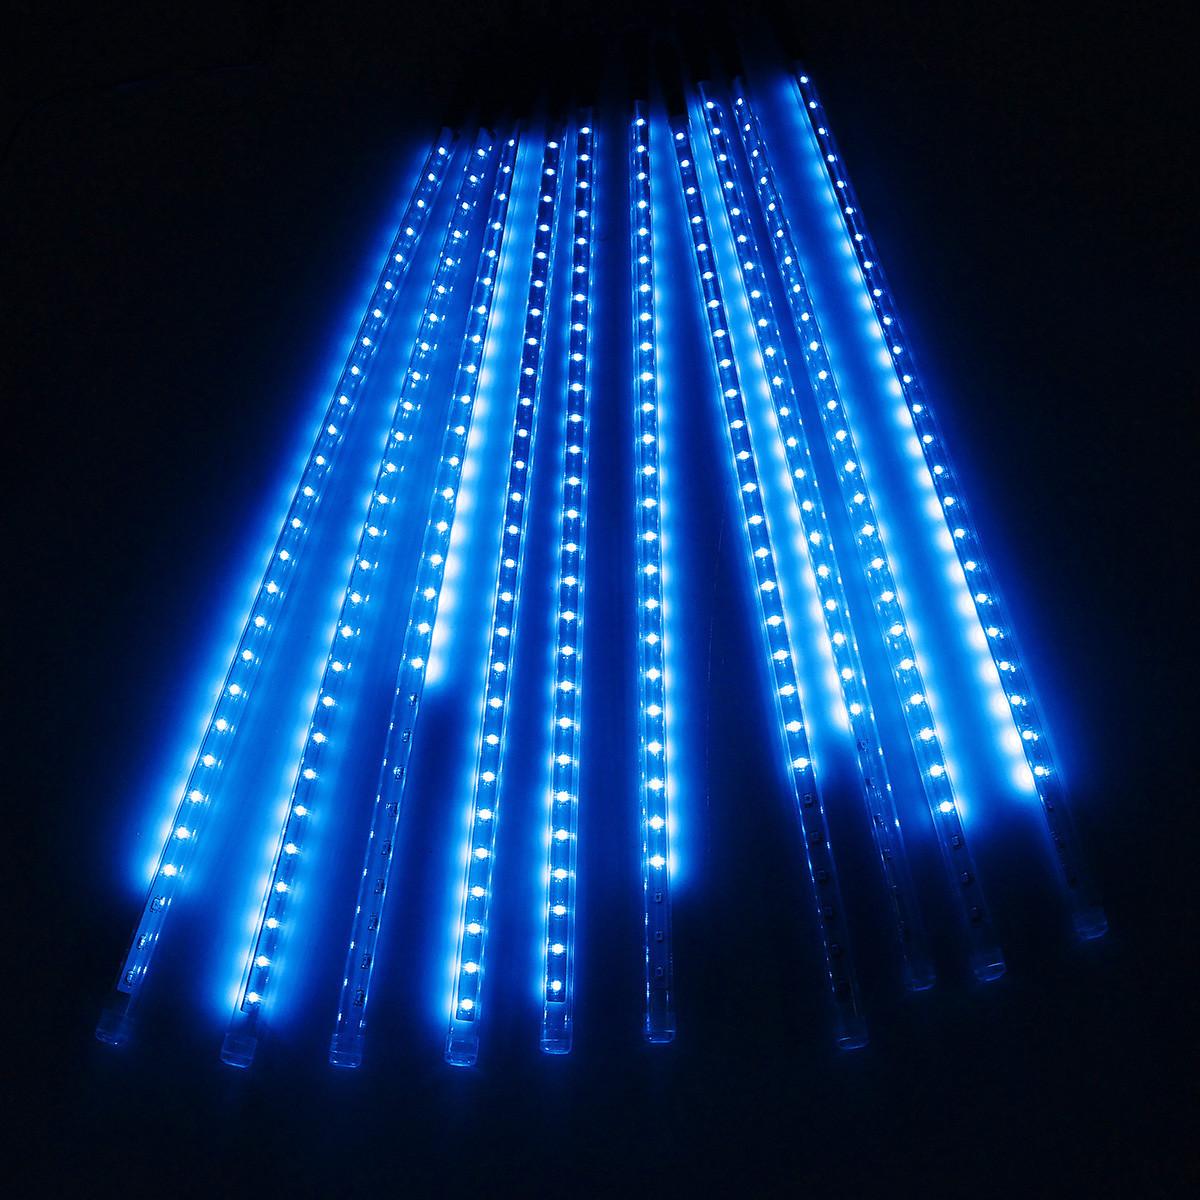 Гирлянда Метеоритный дождь, 1шт, 48 led, синяя, прозрачный провод, 100 см.